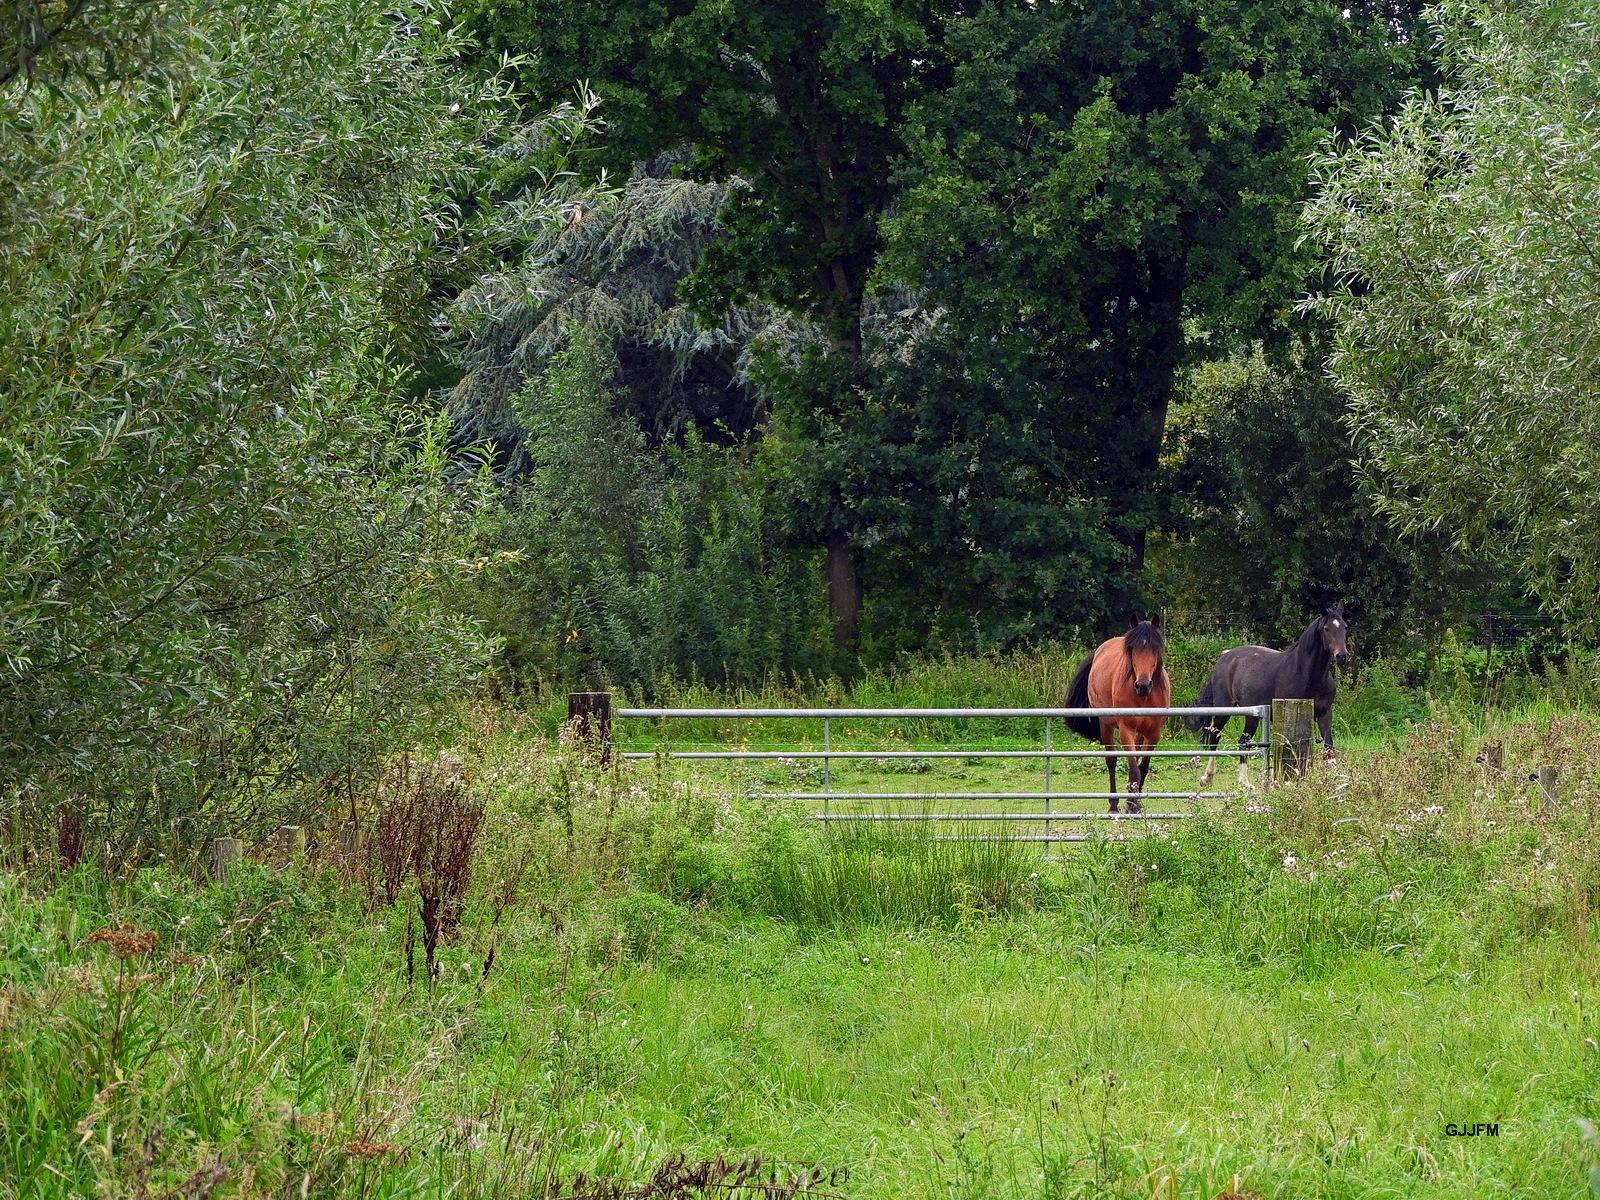 Paarden in de wei 01 by Gjjfm_M